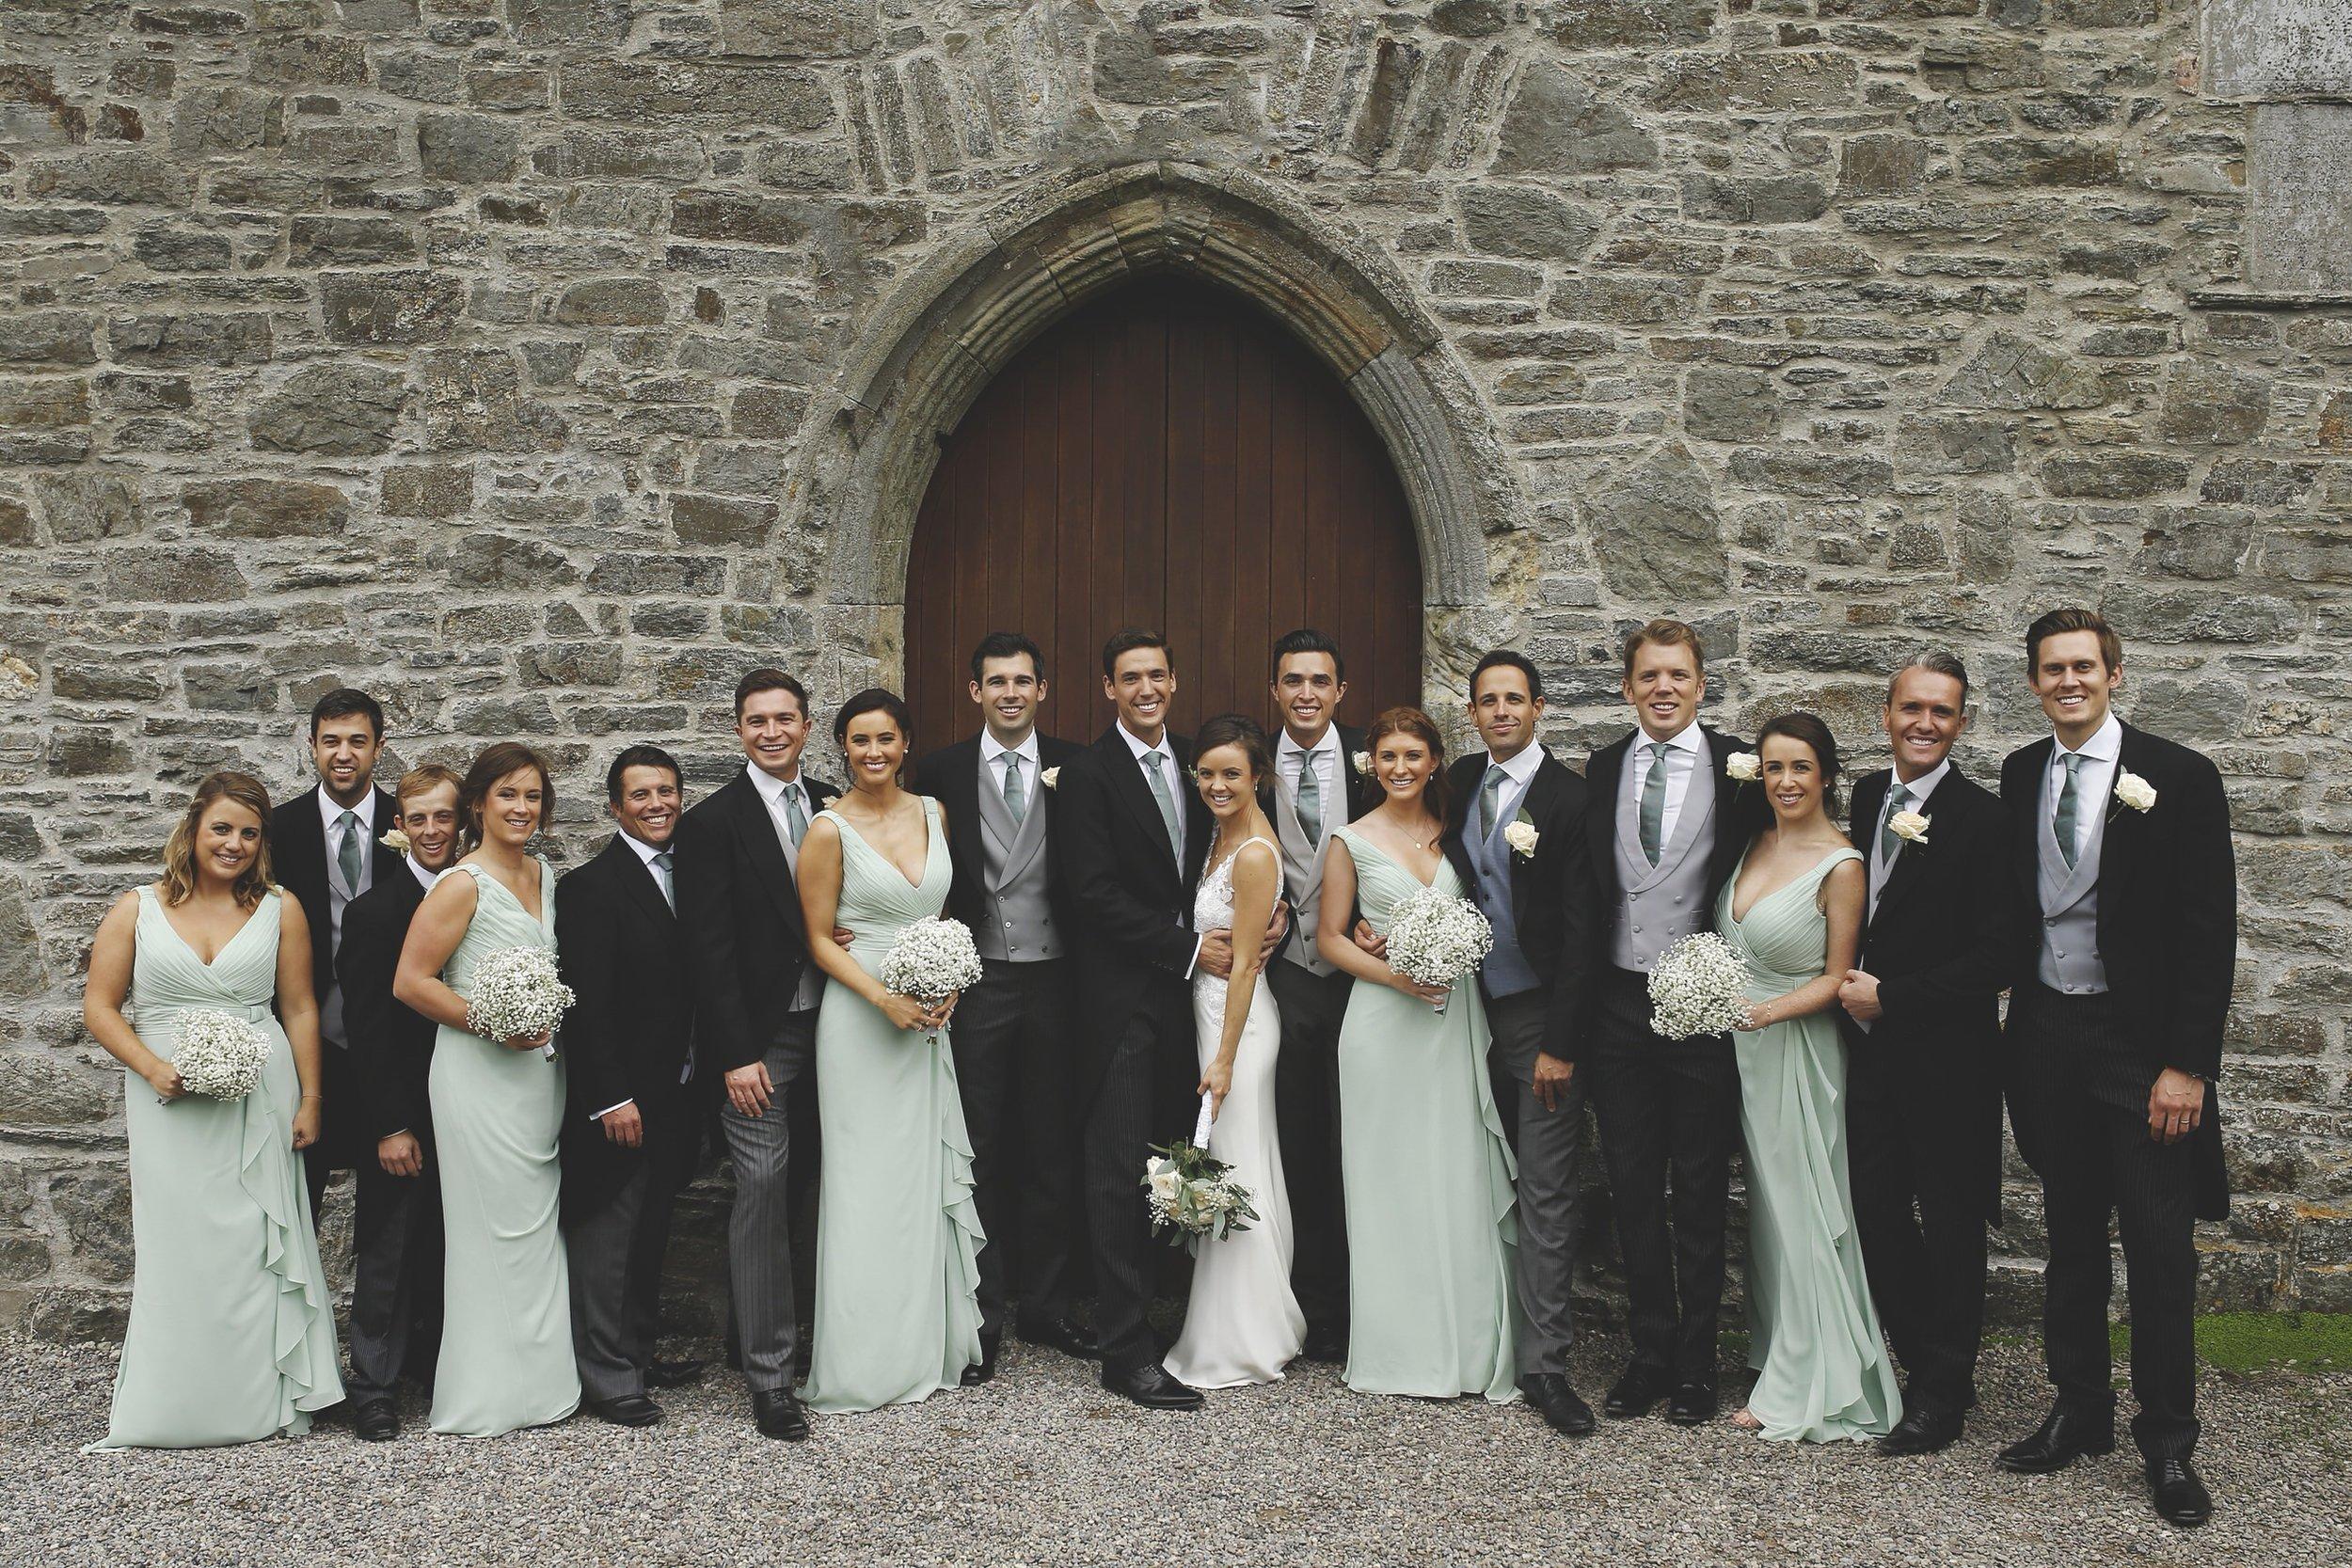 brettharkness-destination-wedding-photographer-ireland_0039.jpg